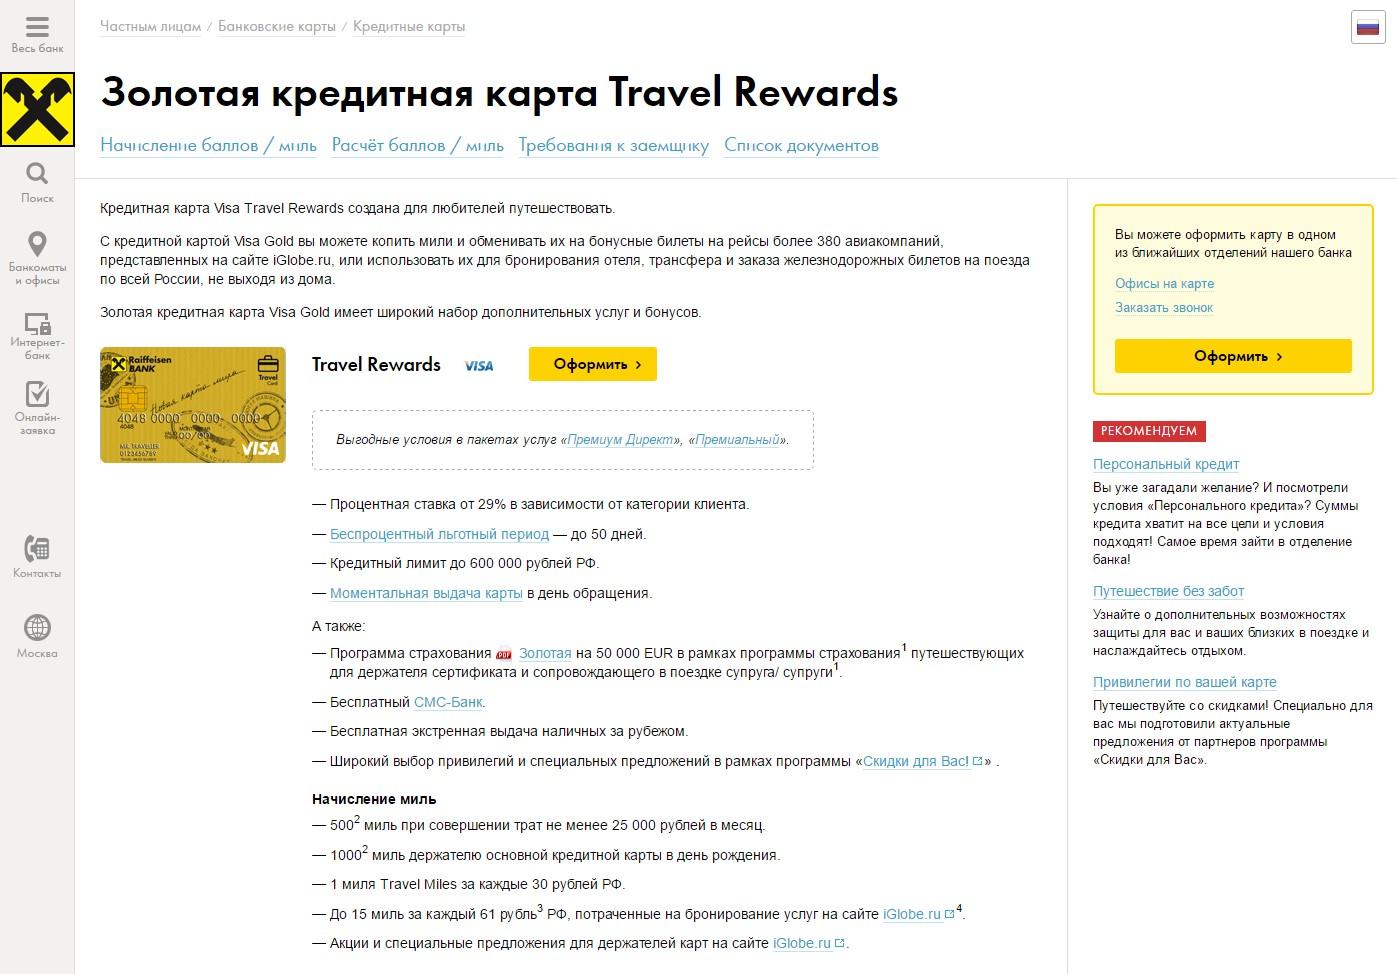 Золотая кредитная карта Travel Rewards